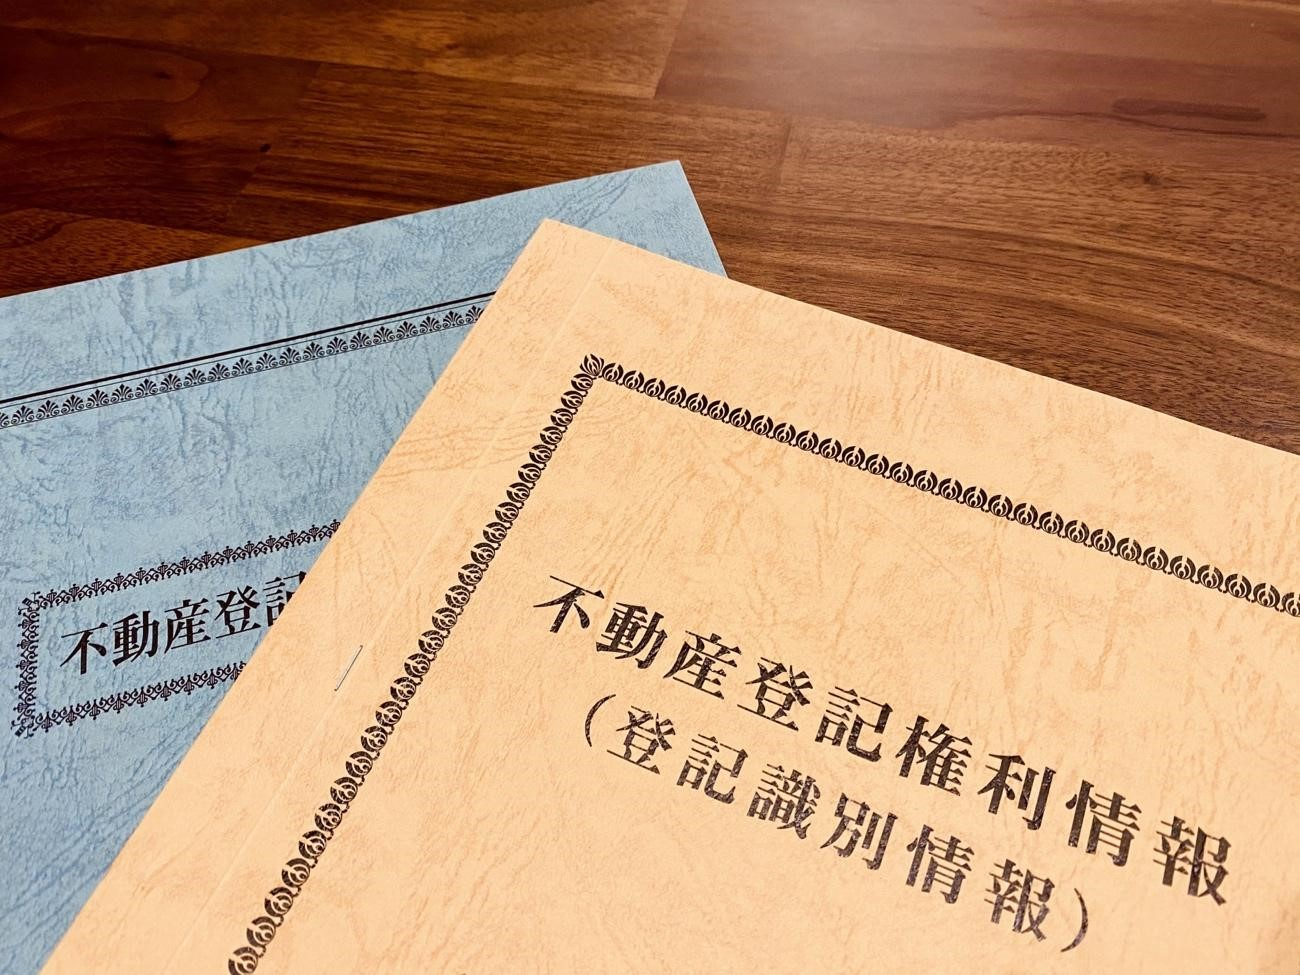 登記済権利証